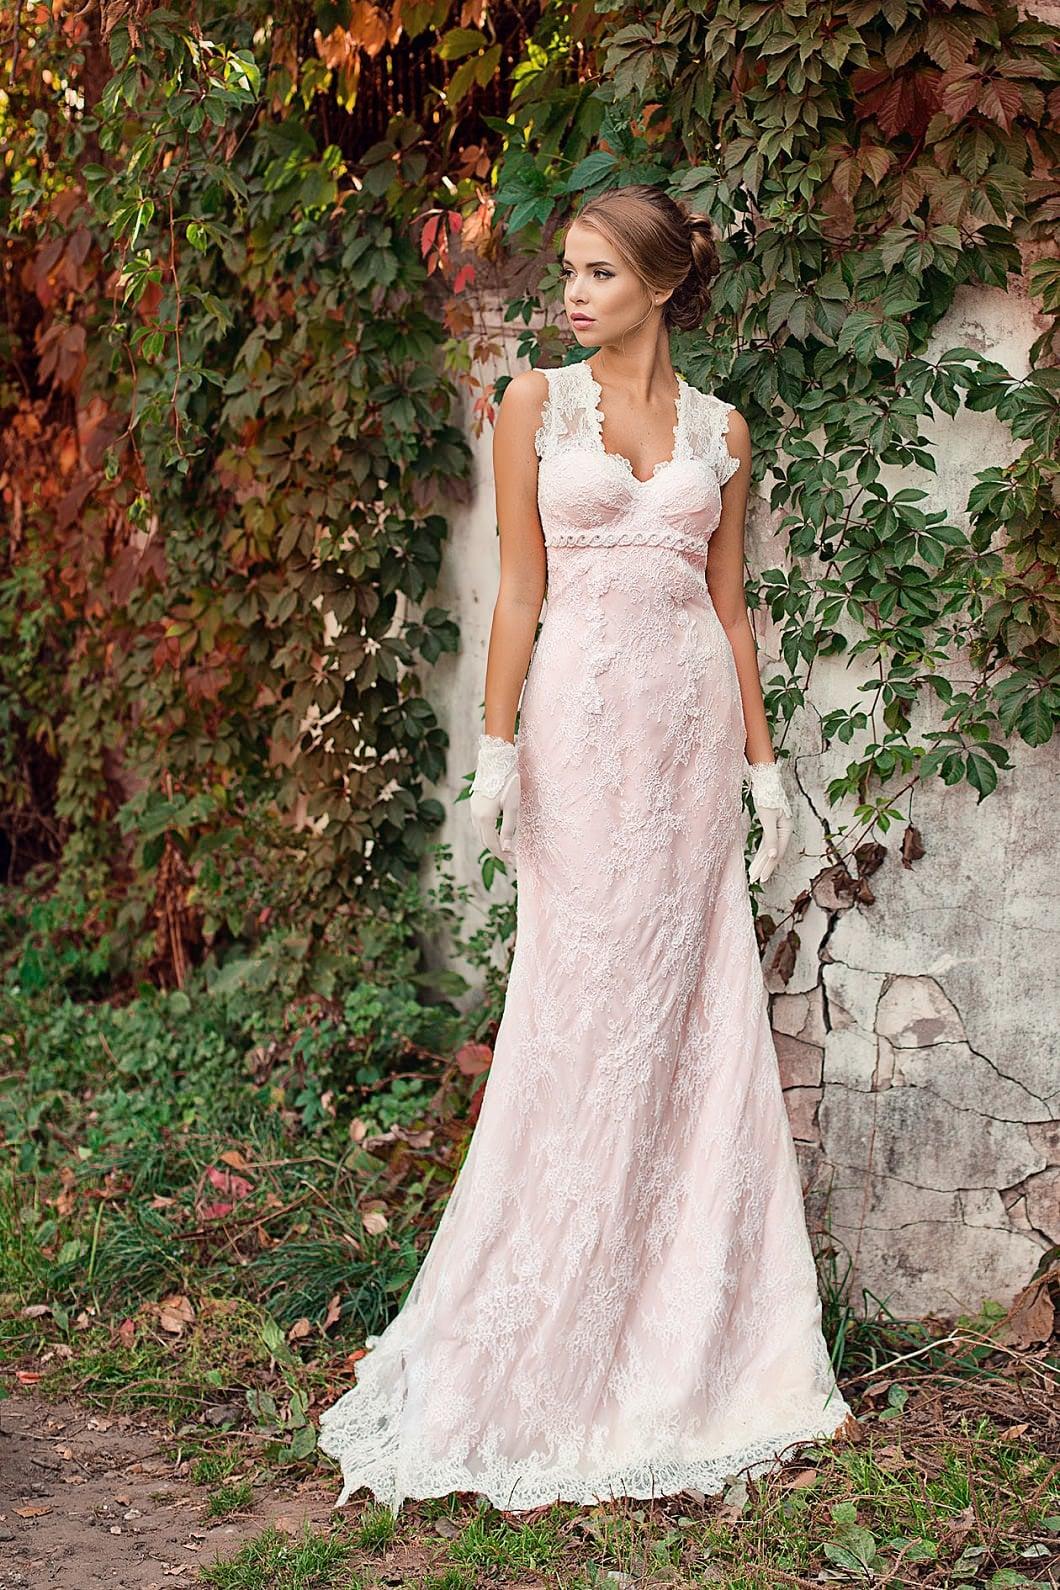 Блаш: актуальный цвет румянца в свадебных платьях (1 фото)